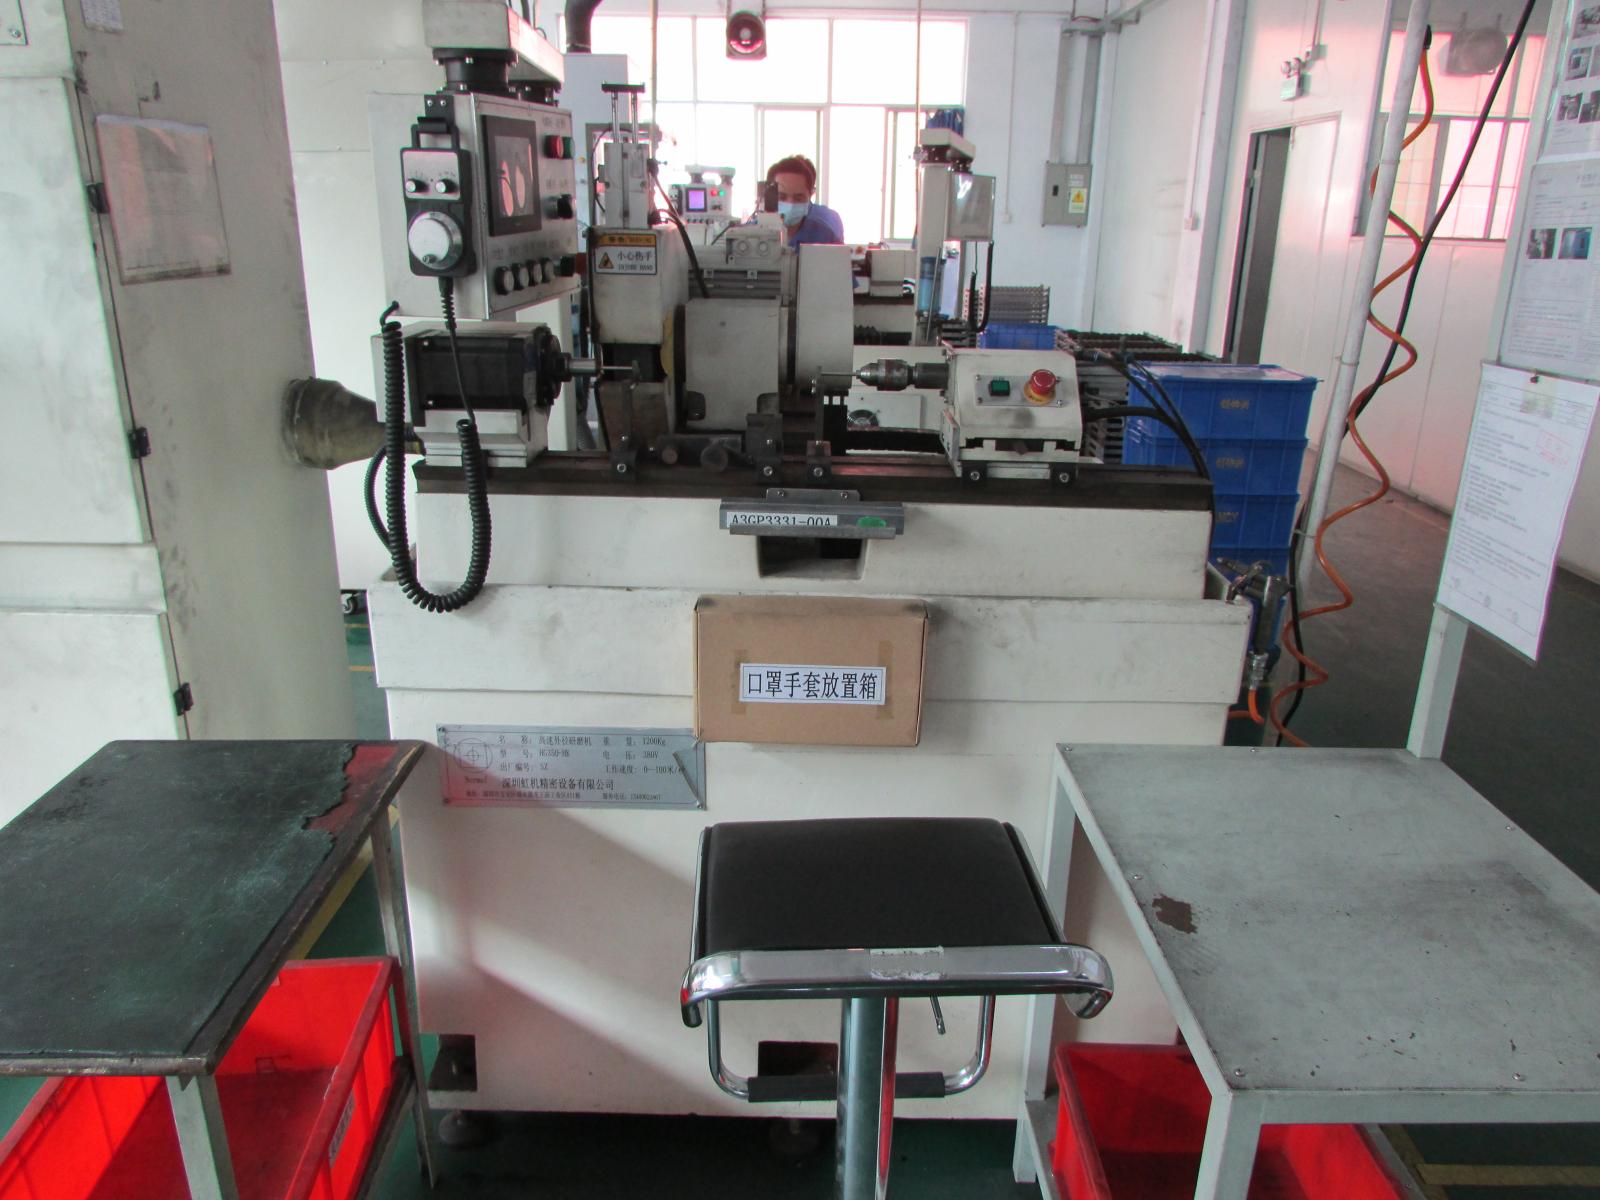 高速数控磨床--深圳市虹机精密设备有限公司